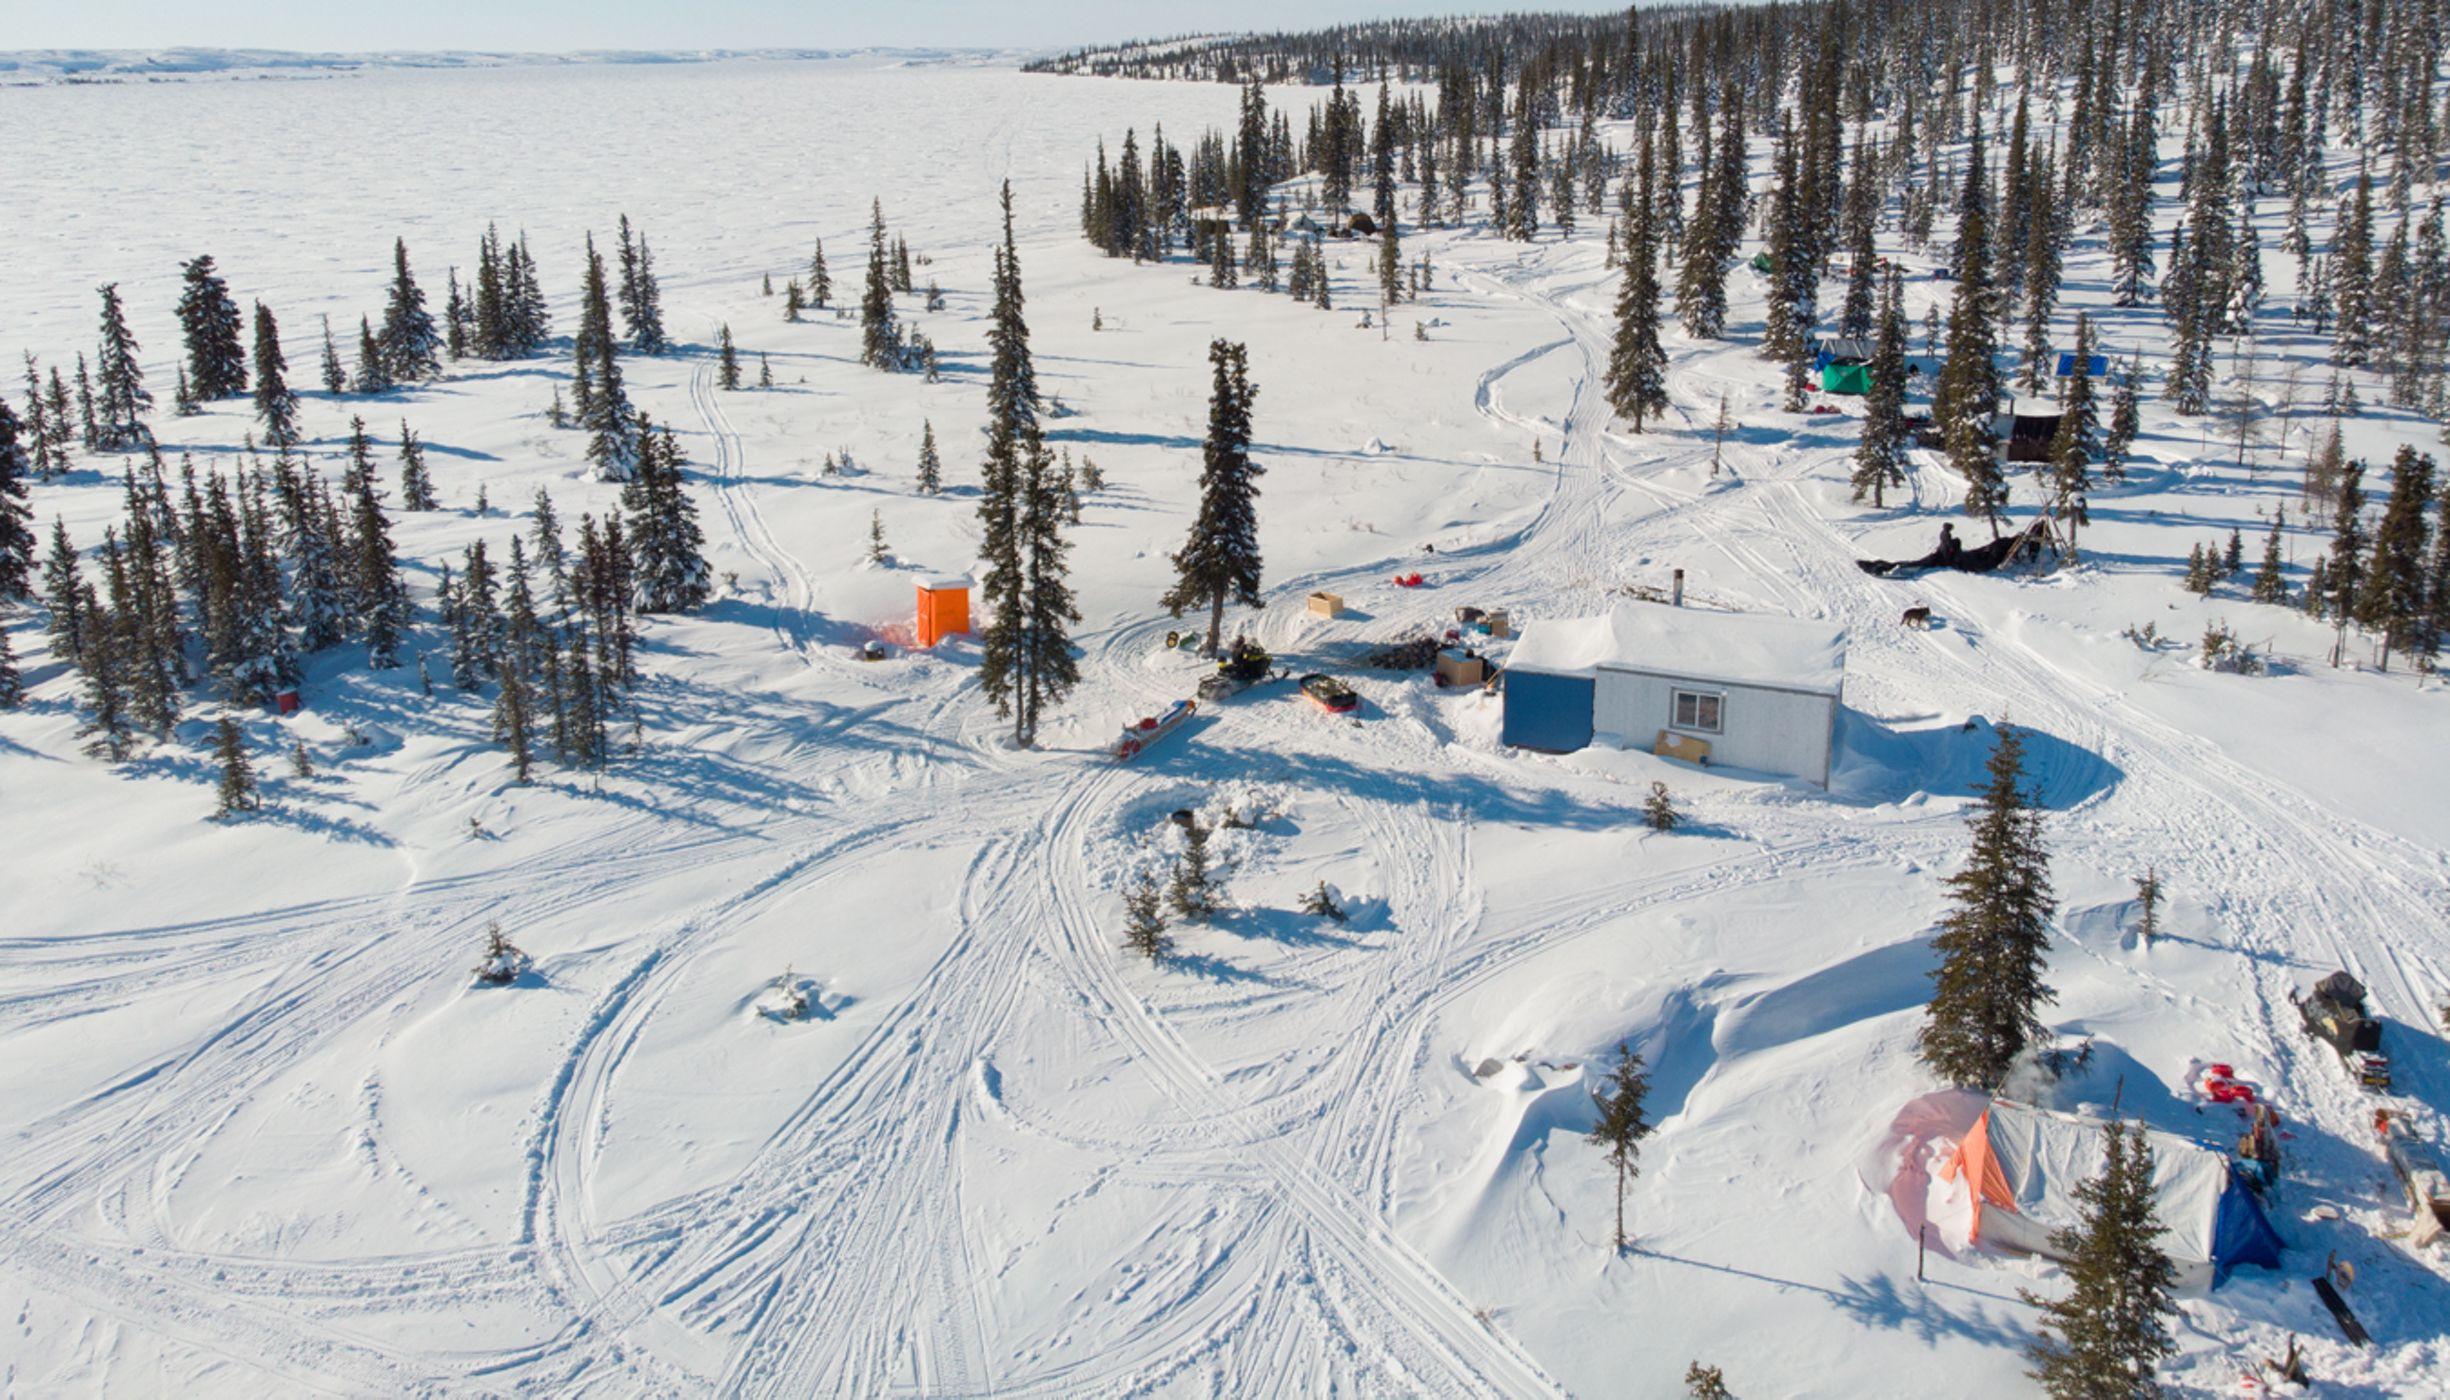 鸟瞰图的一个冰雪覆盖的景观与雪地摩托的轨道,一个小屋,几个人,和树木